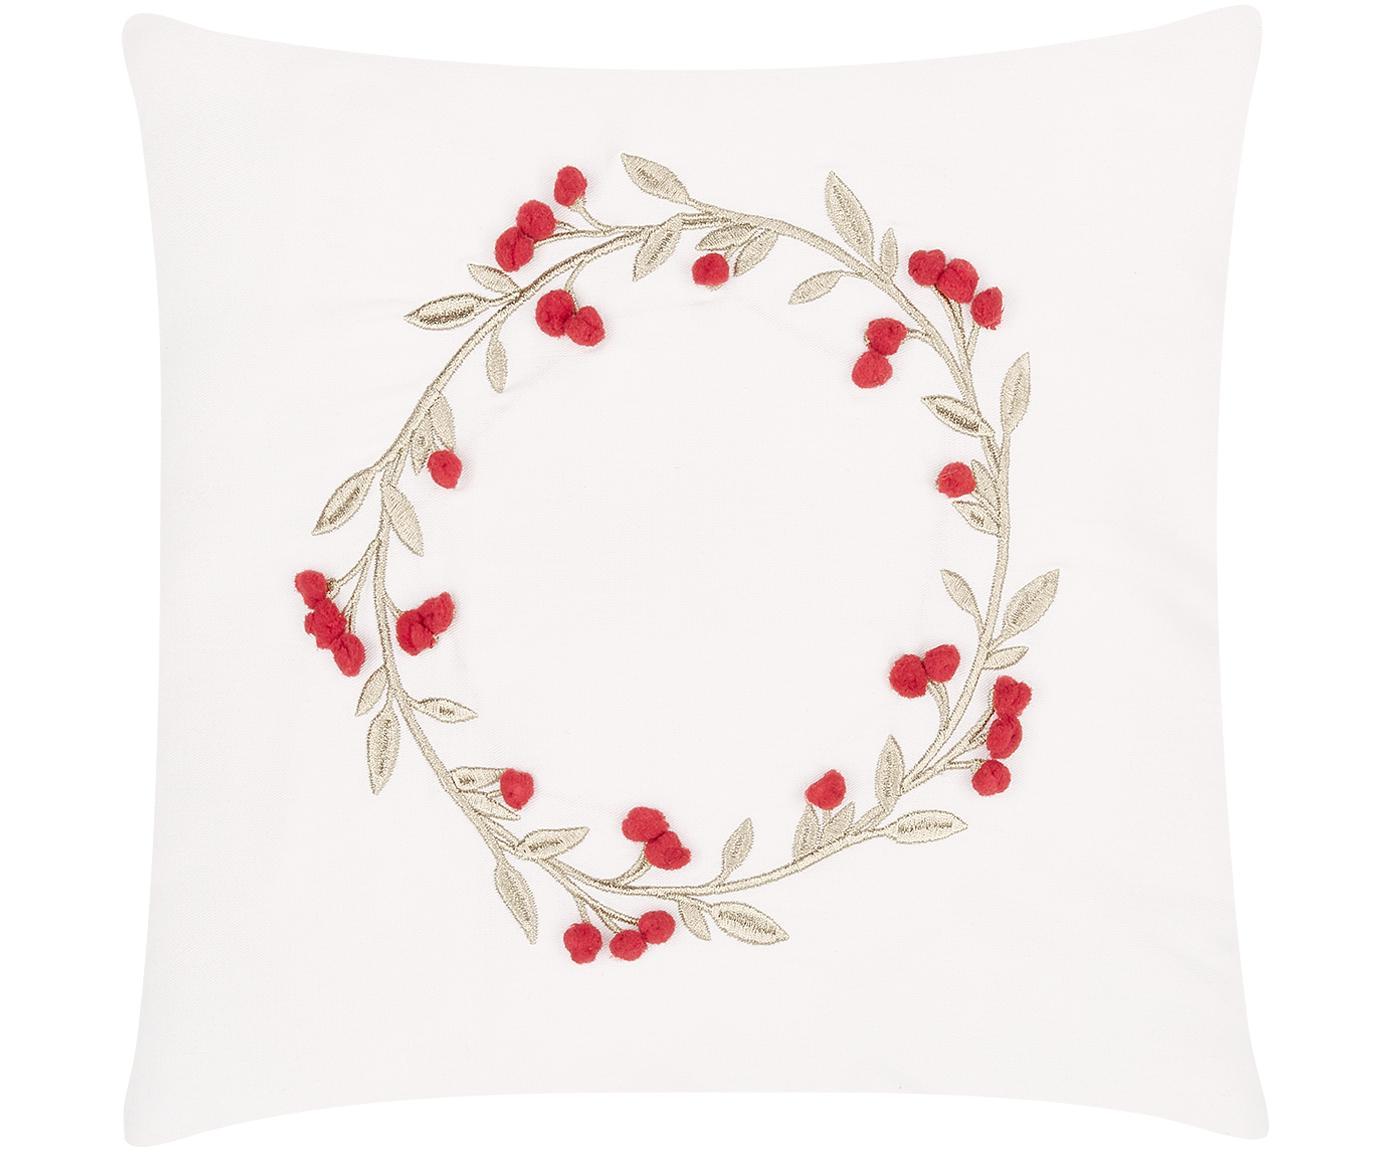 Samt-Kissenhülle Christmas Wreath mit winterlichem Motiv, Cremeweiß, 40 x 40 cm